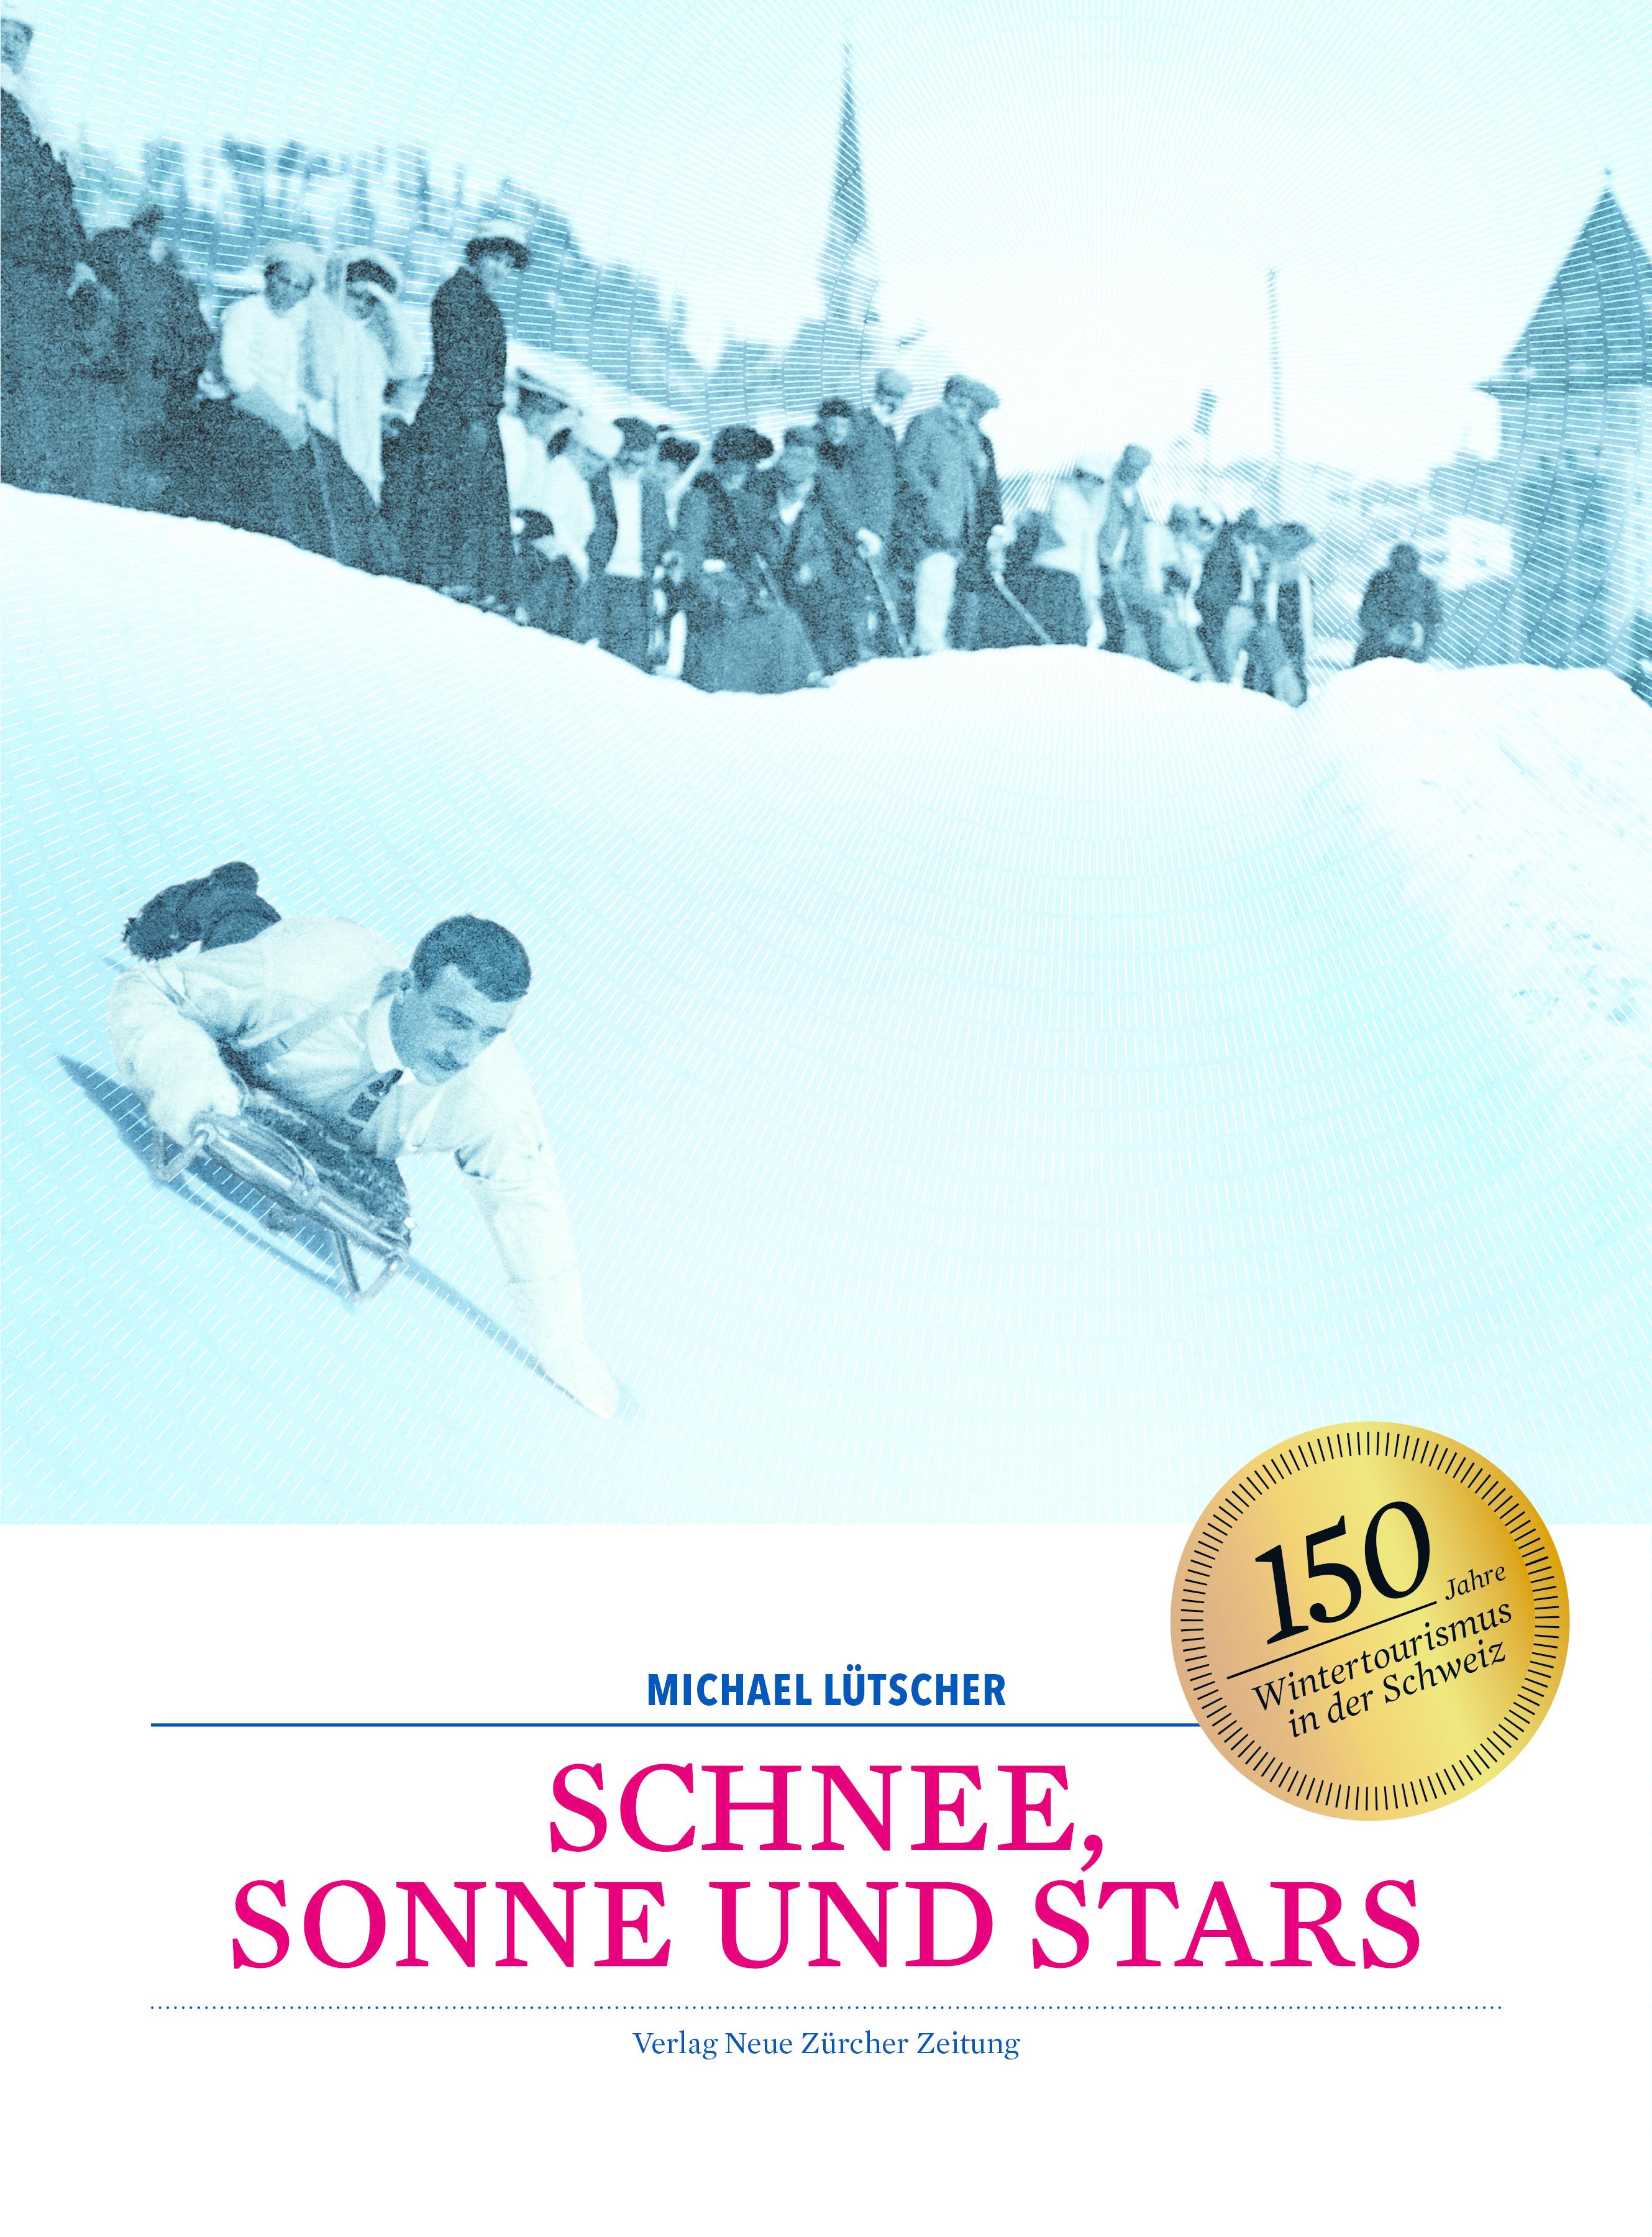 Michael Lütscher - Schnee, Sonne und Stars